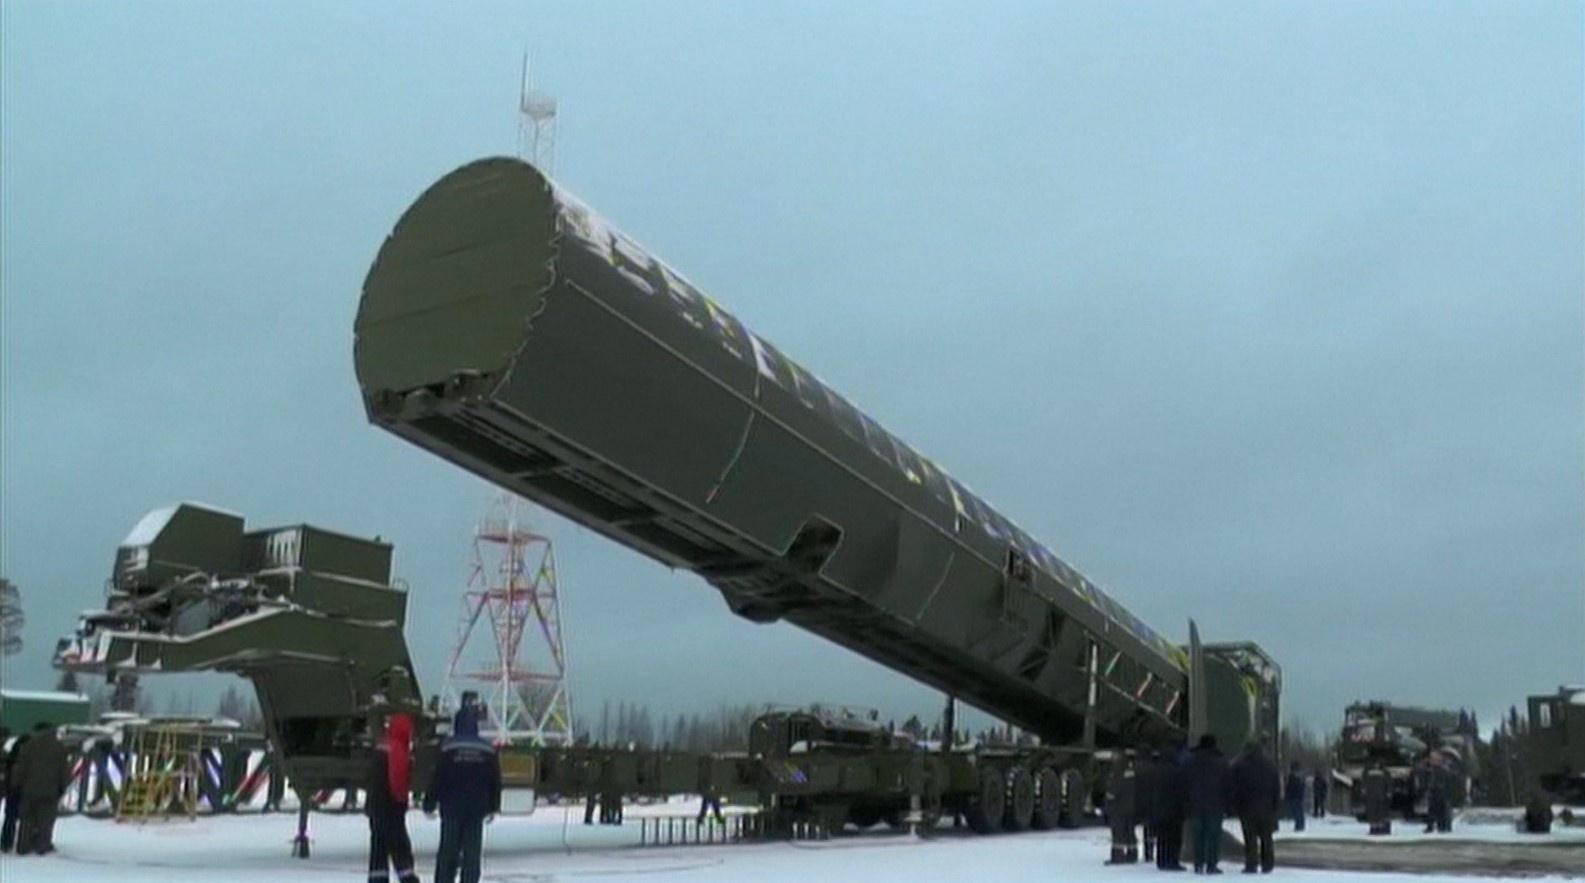 """""""ปูติน"""" เผยโฉมอาวุธนิวเคลียร์รุ่นใหม่ โจมตีได้ทั่วโลก"""